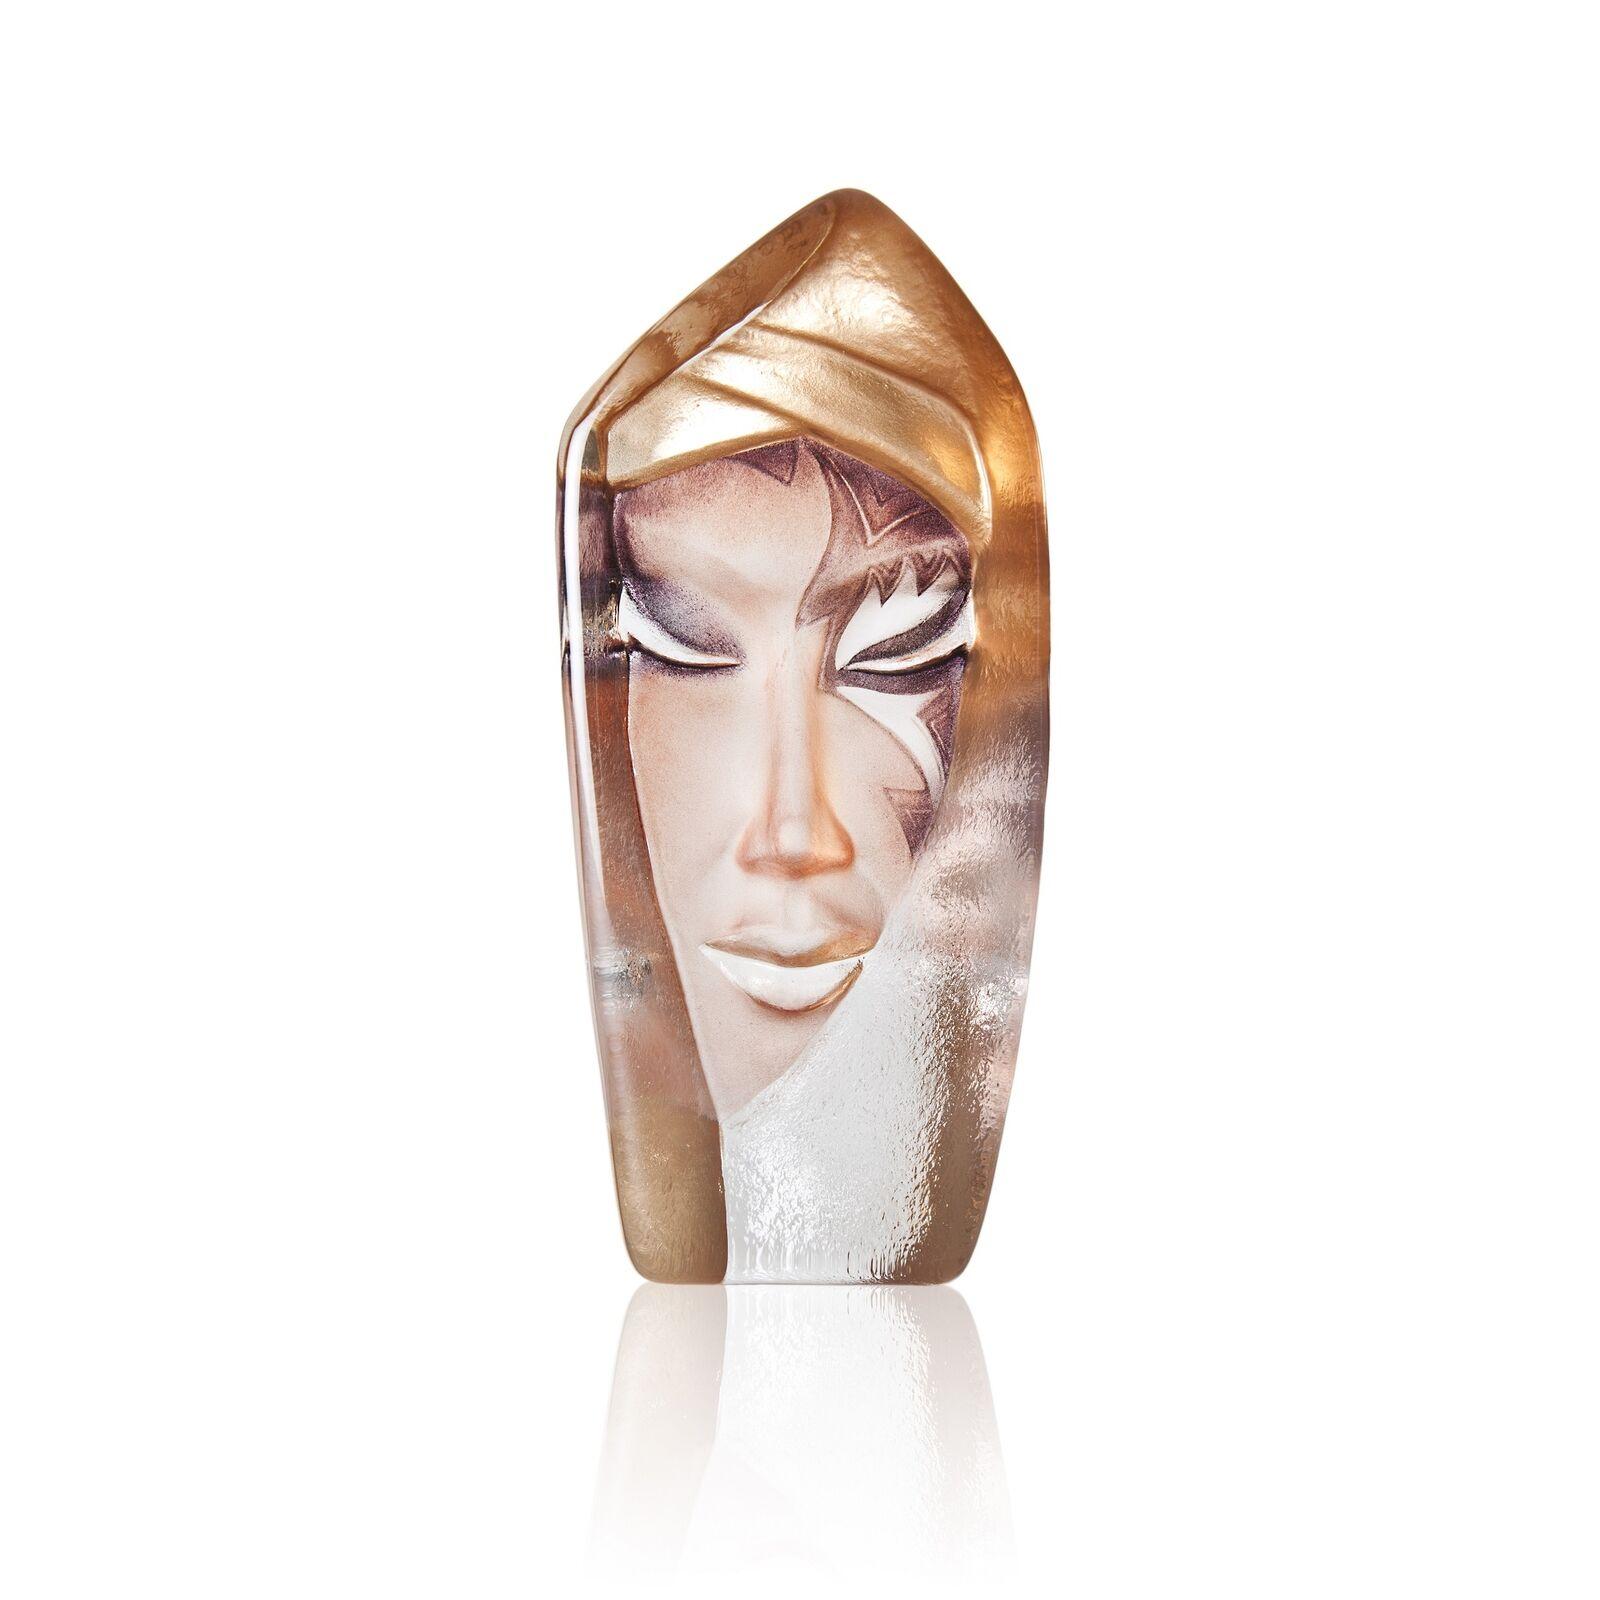 Mats Mats Mats Jonasson målerås masq visage Sculpture batzeba Gold, 18 cm | D'ornement  | De Grandes Variétés  | Durable  be13ca